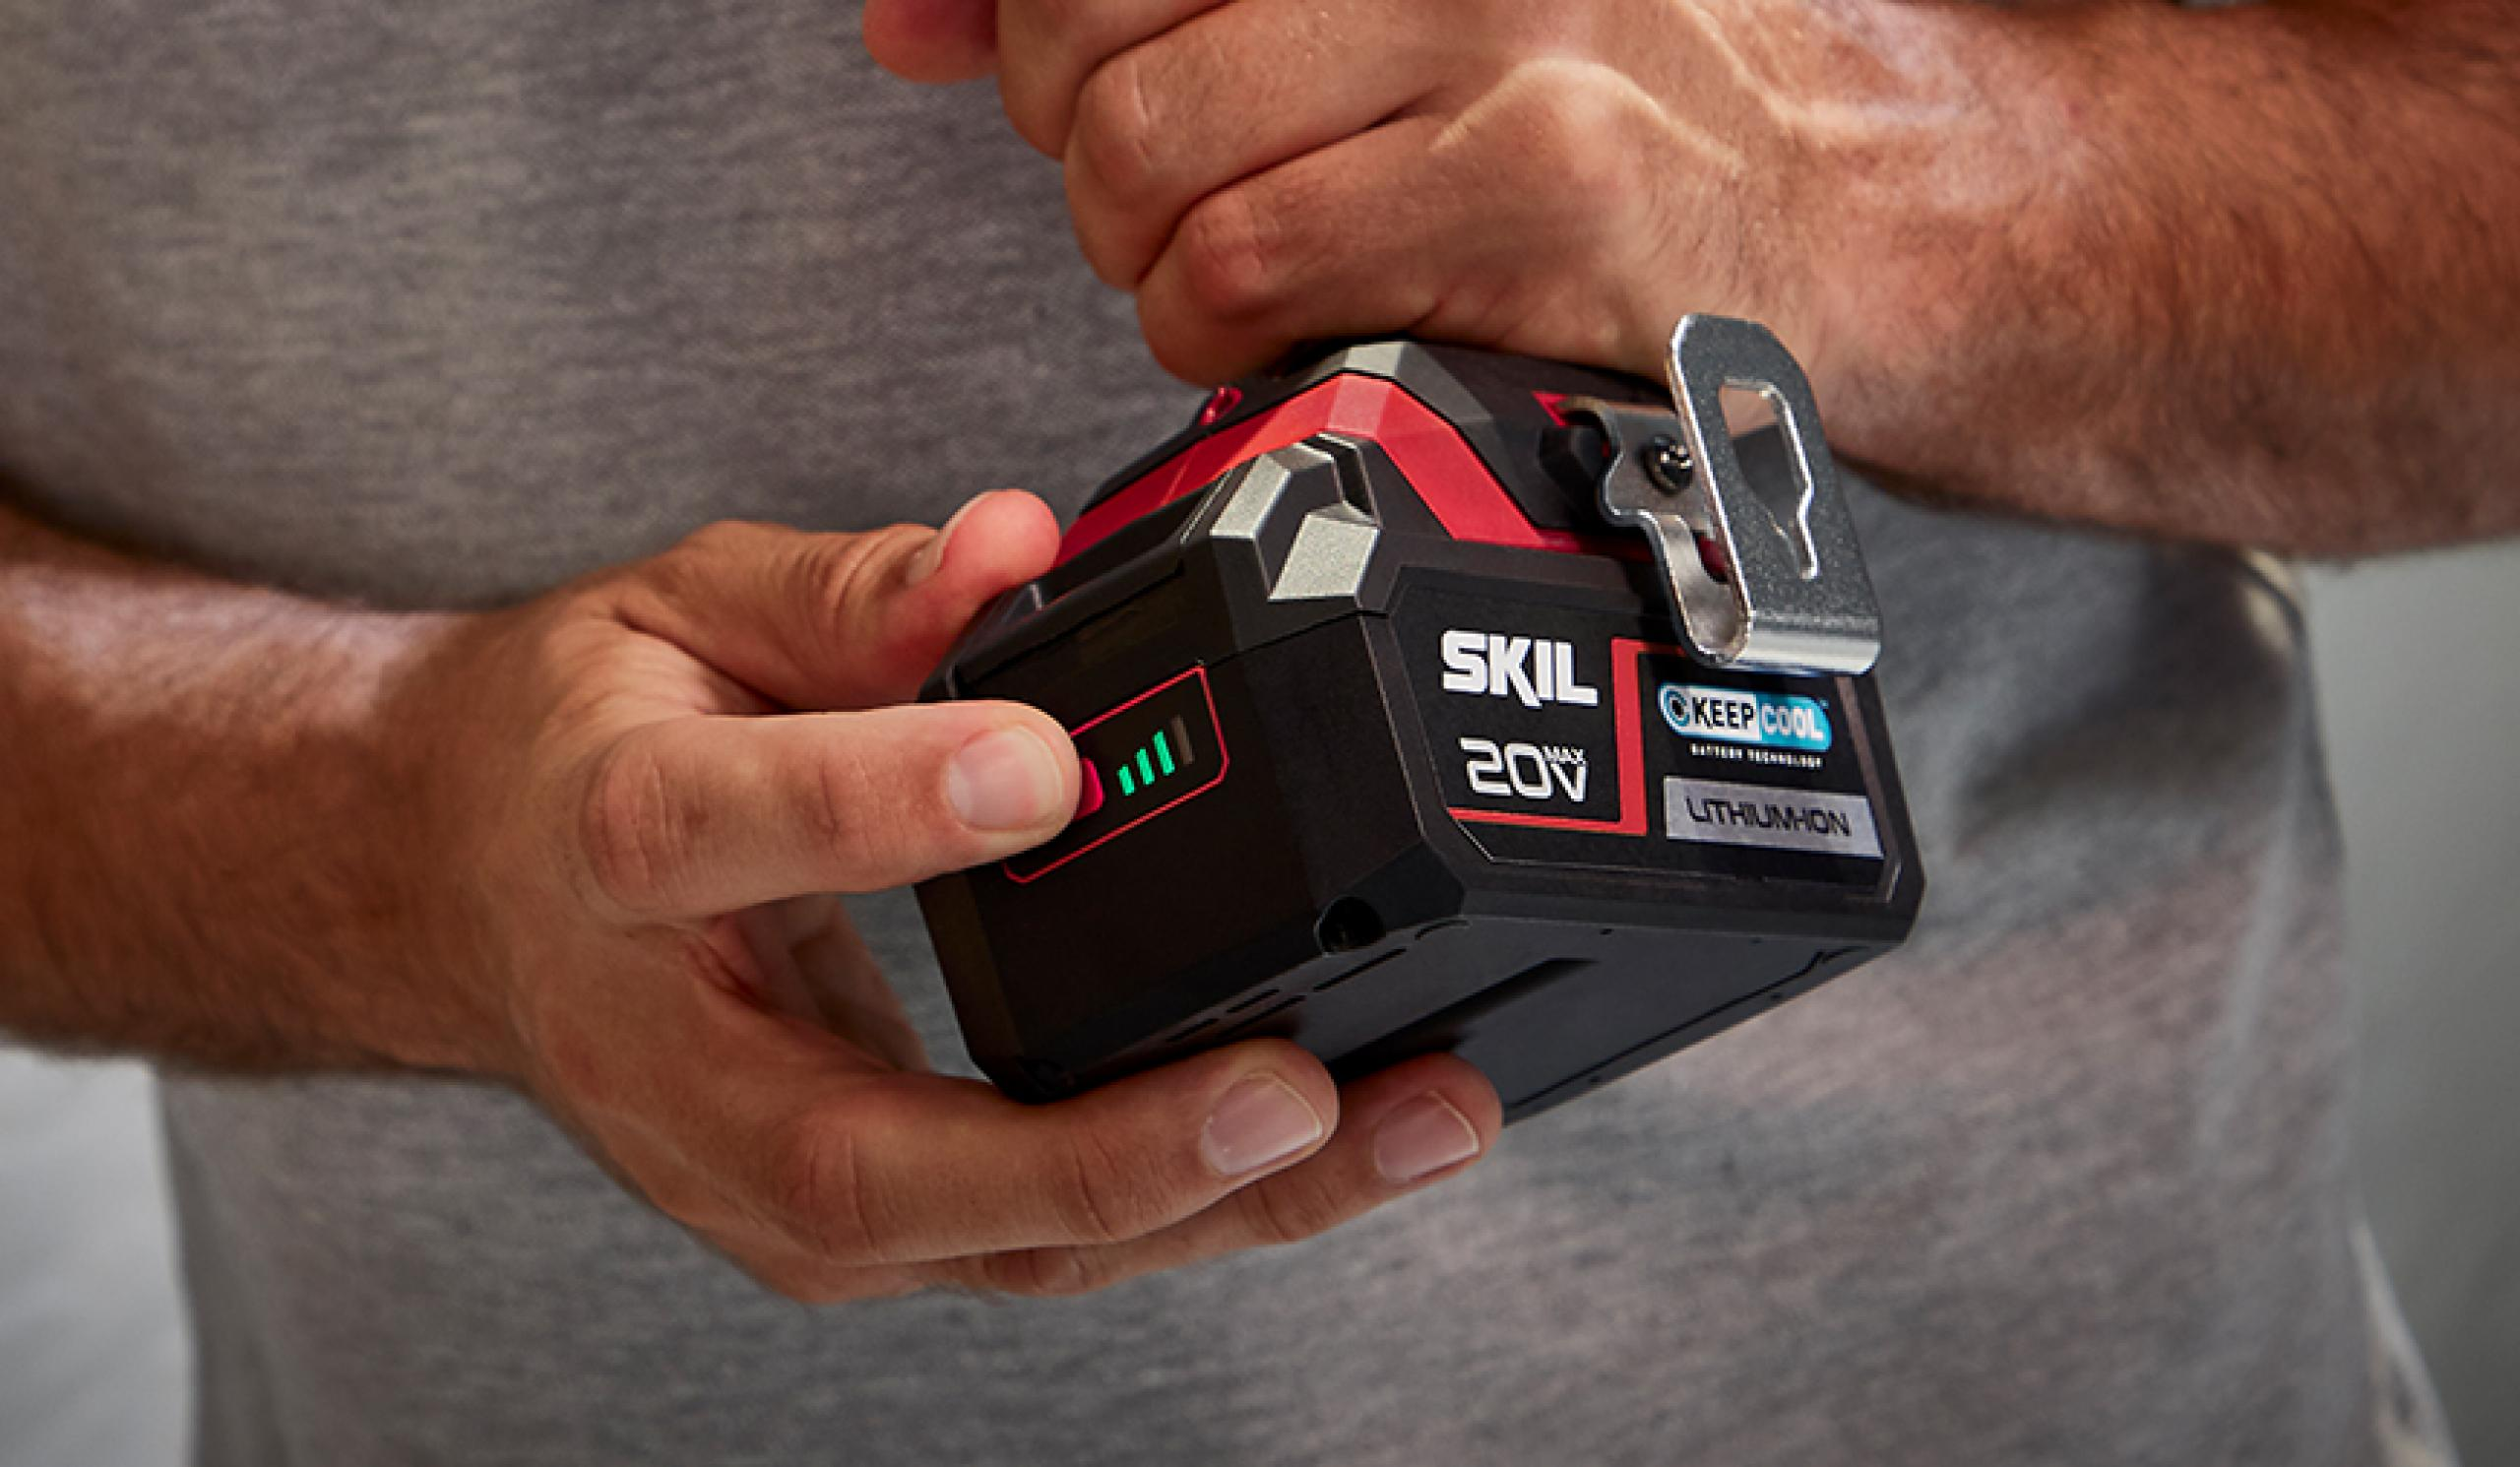 Запатентований індикатор рівня заряду акумулятора: індикатор, якому можна довіряти